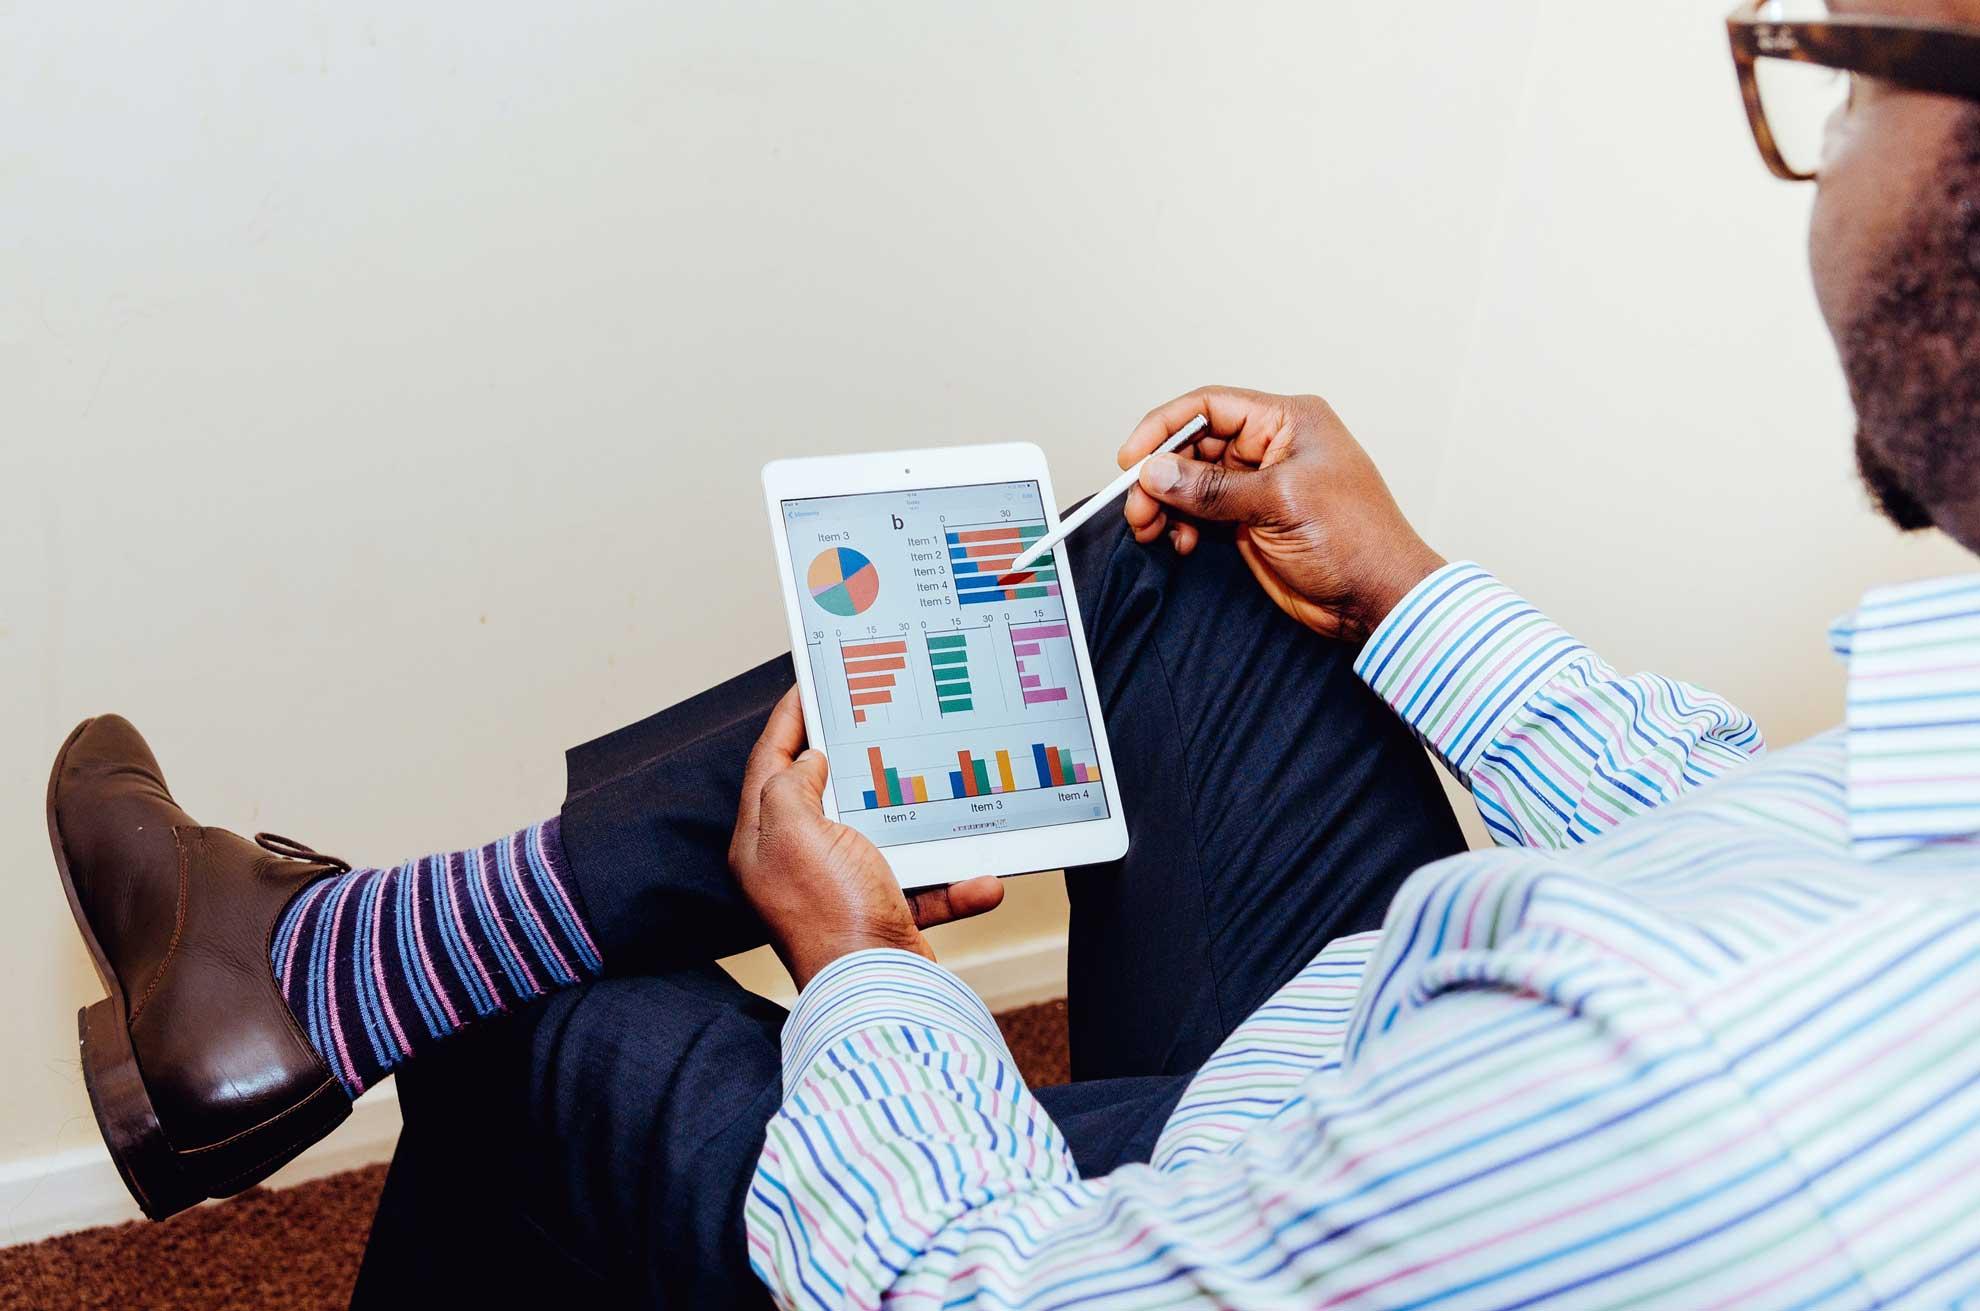 Digital Asset Management across devices